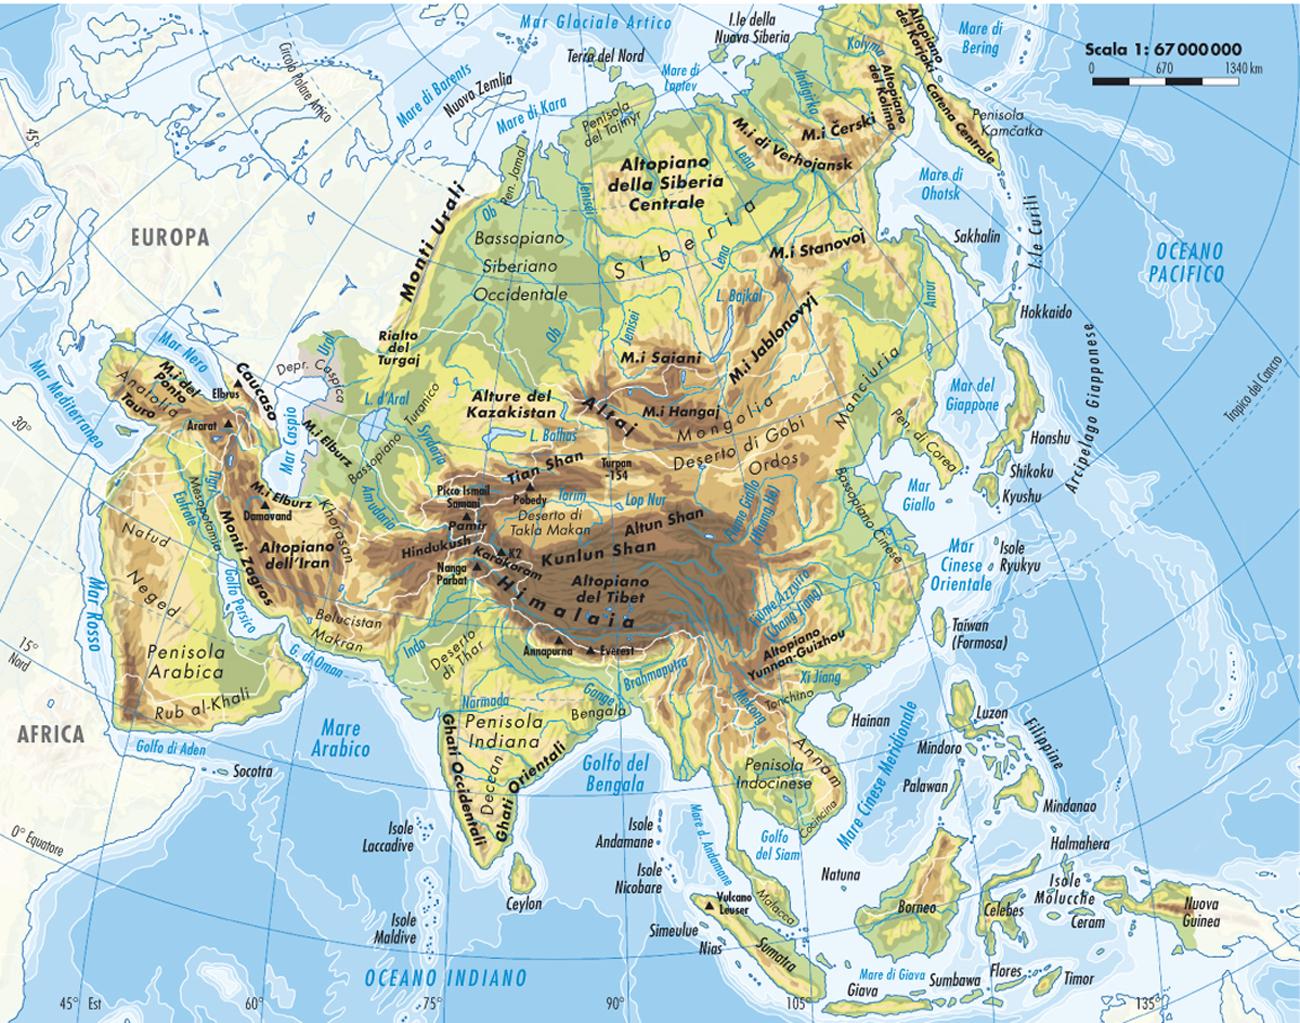 Cartina Climatica Cina.Cina By Cantelli Giulia On Emaze